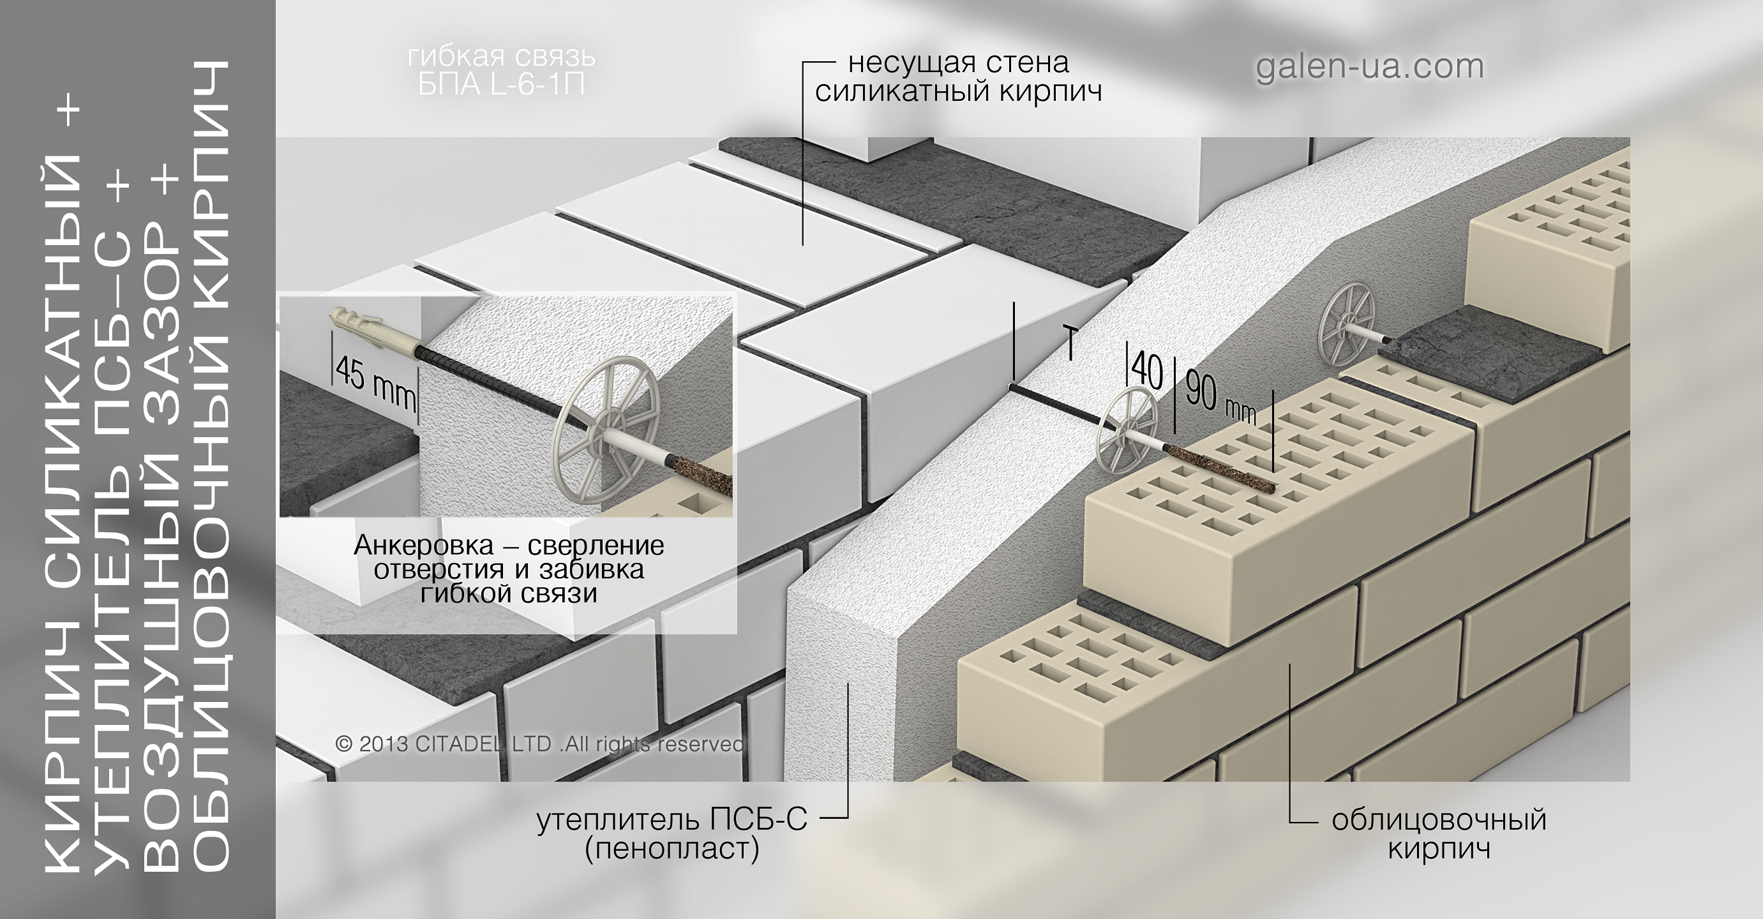 Гибкая связь БПА L-6-1П: Кирпич силикатный + Утеплитель ПСБ-С + Воздушный зазор + Облицовочный кирпич